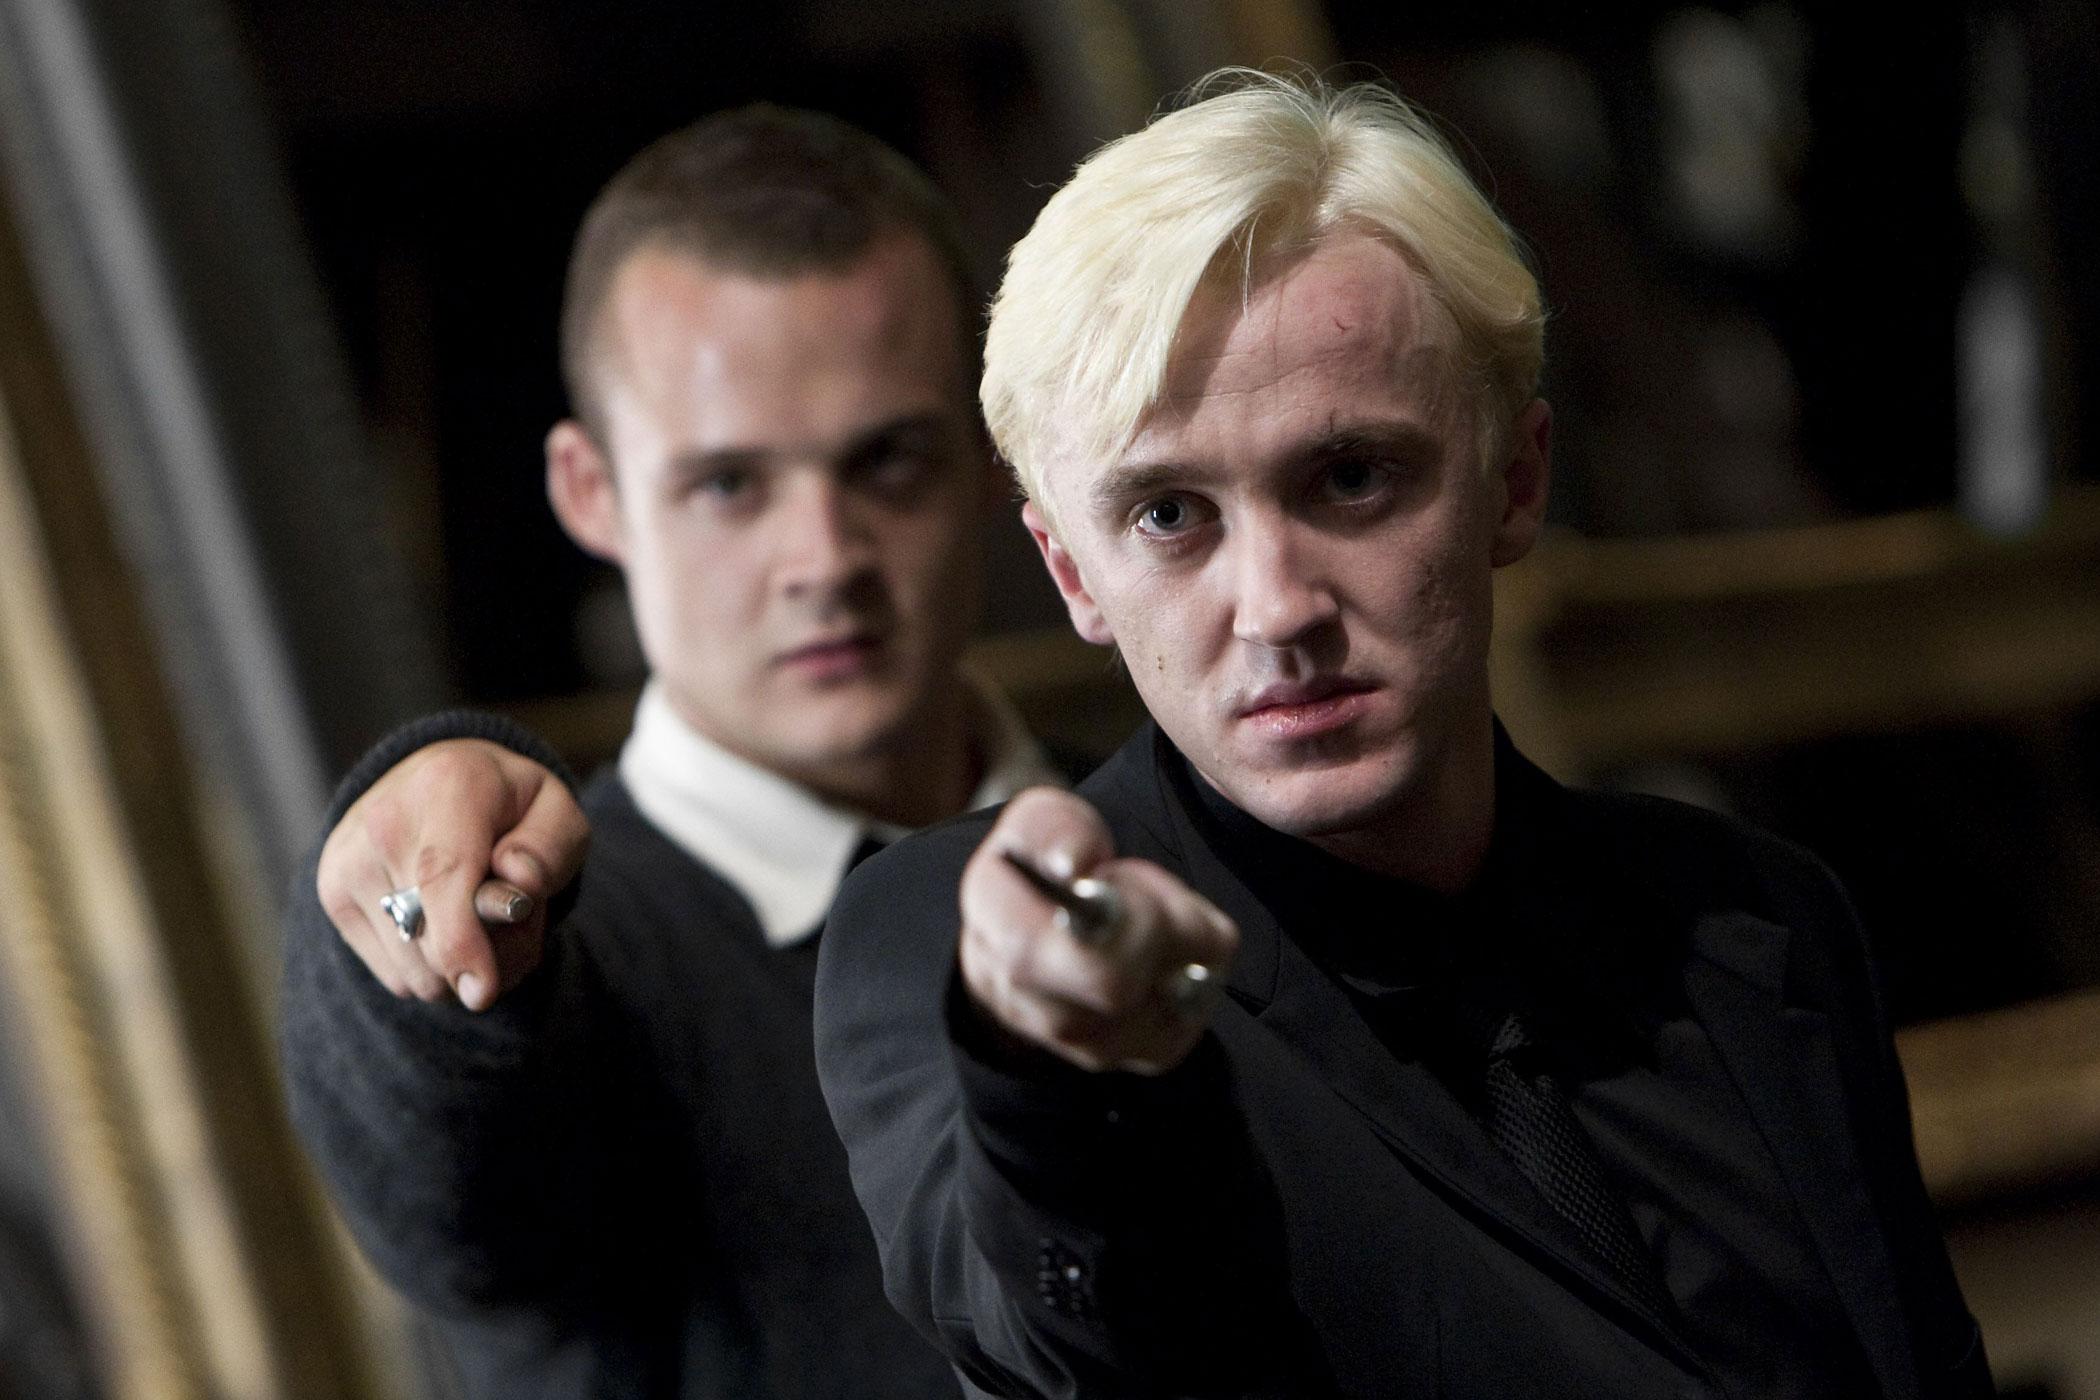 Звезда «Гарри Поттера» в новом фильме Netflix: Том Фелтон изменился до неузнаваемости